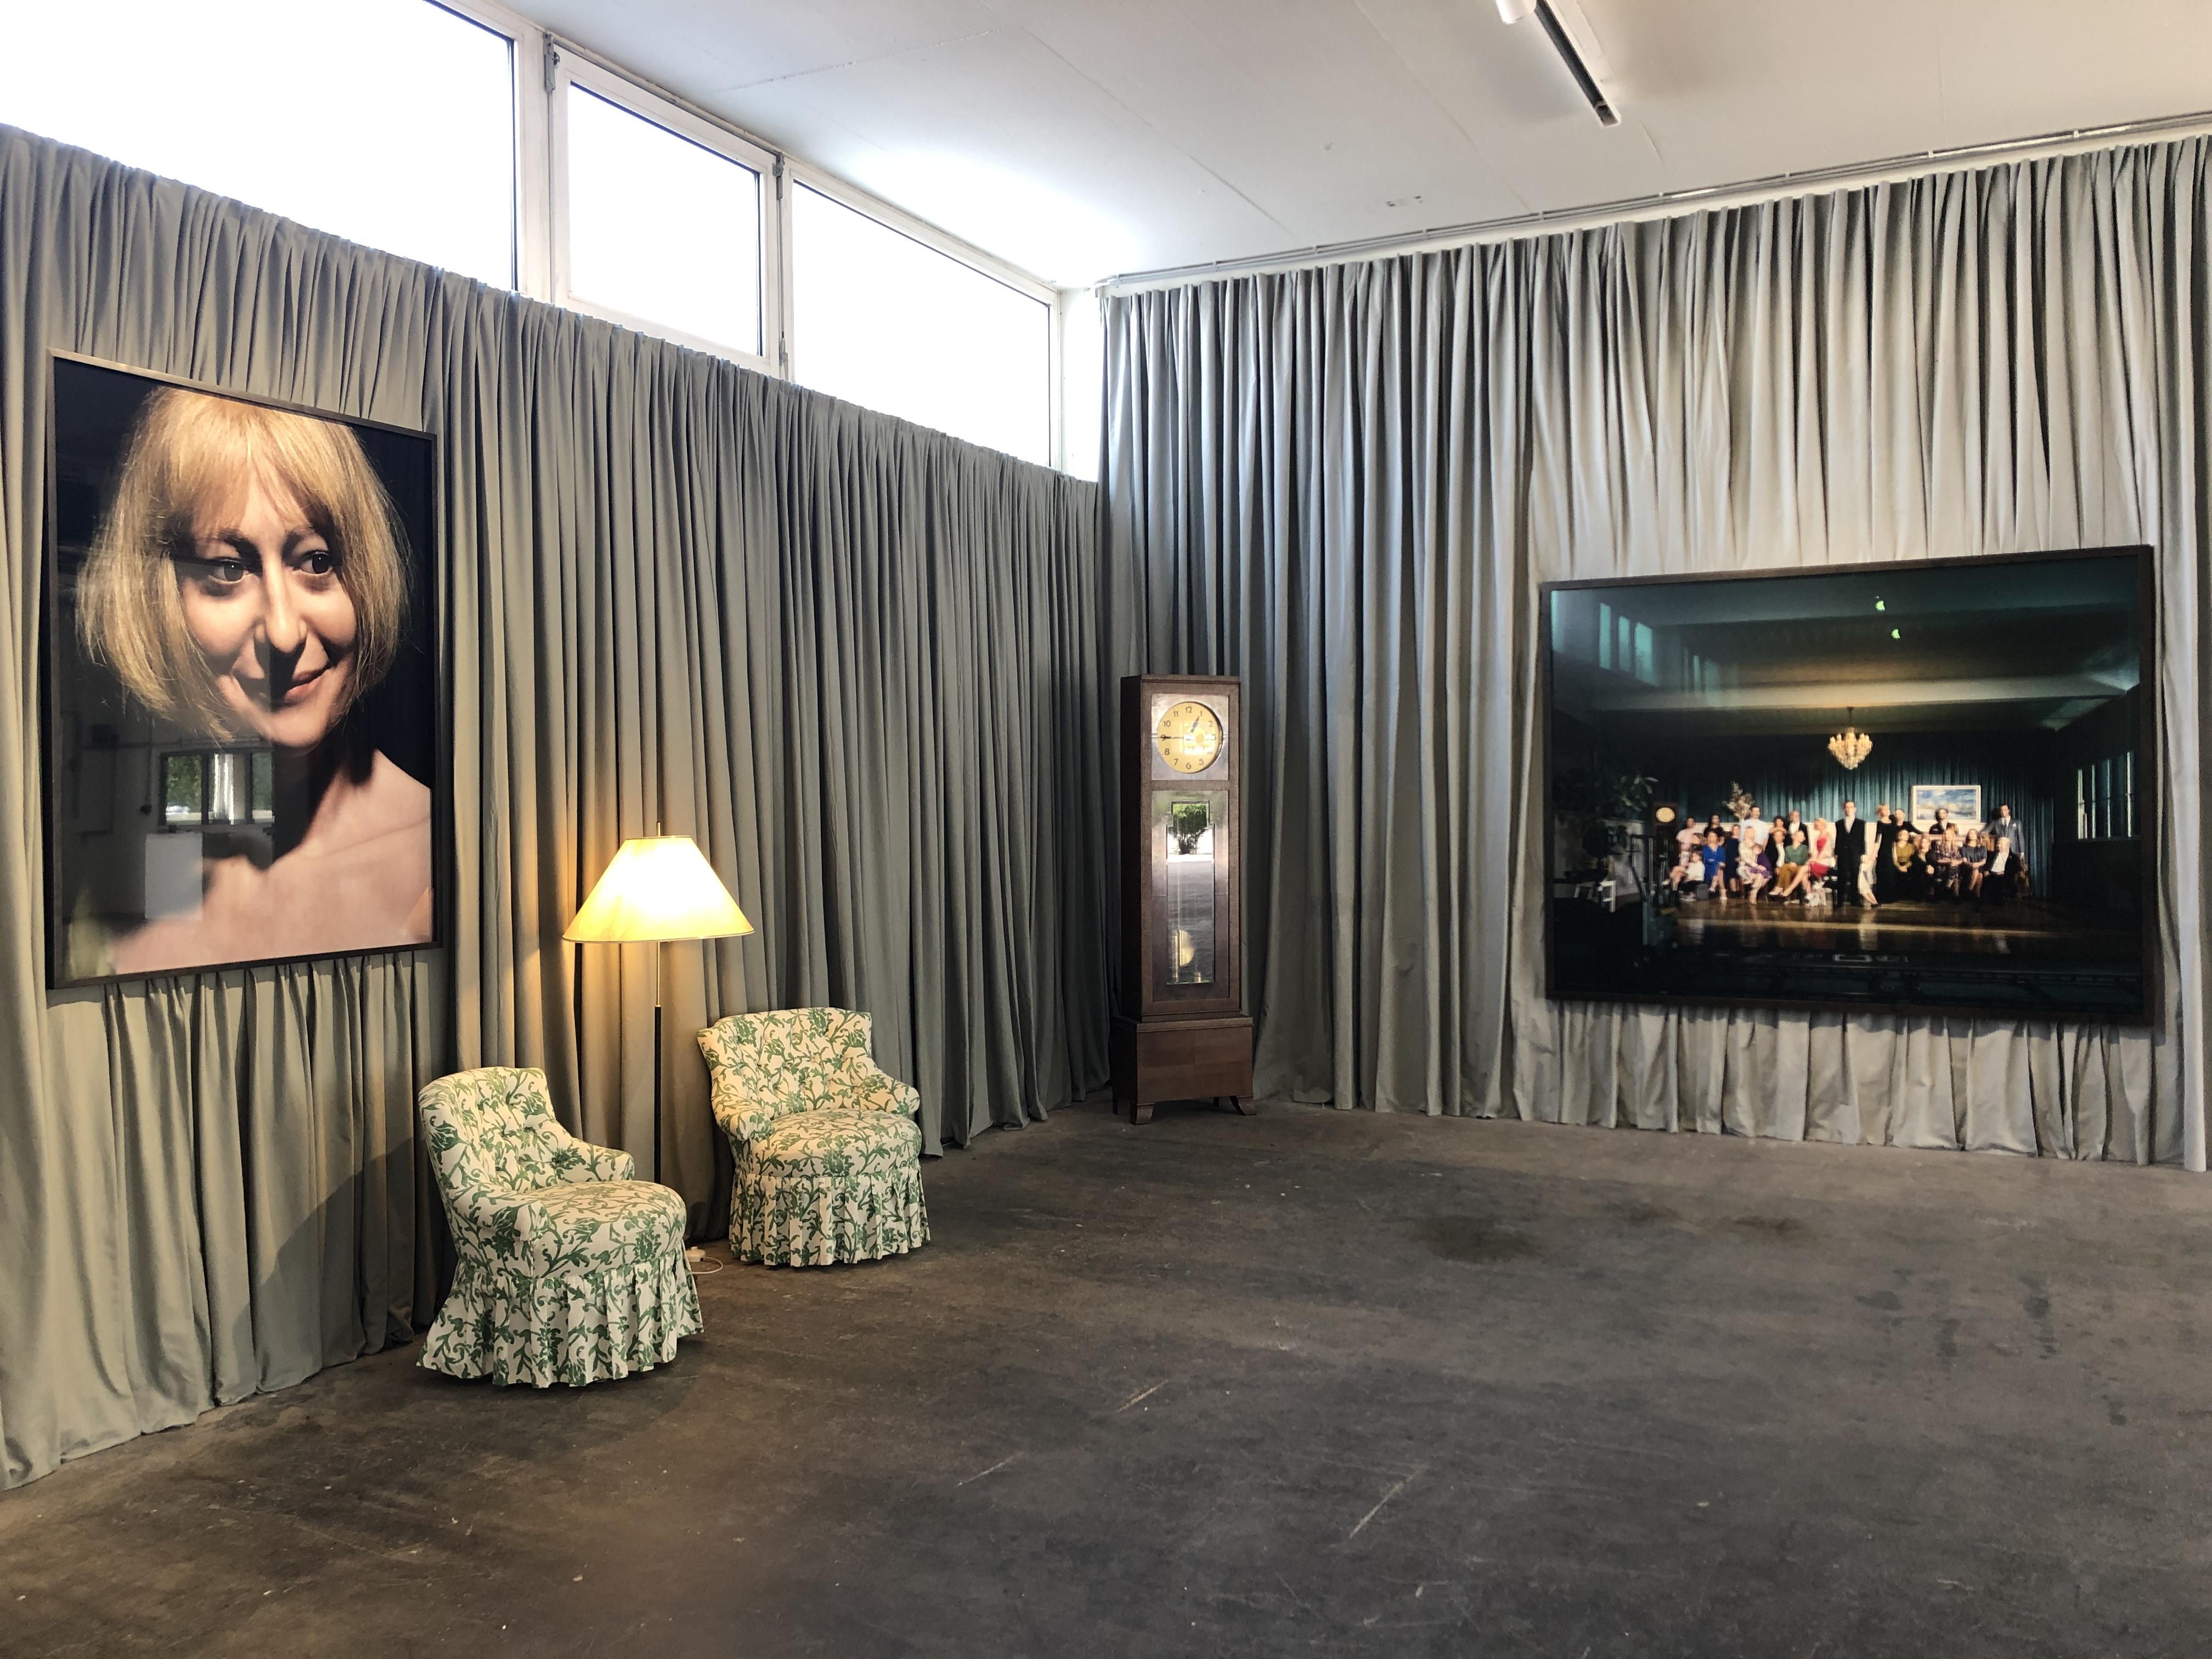 Andreas Mühe und seine sehenswerte museale Ausstellung in der Galerie Elektrohalle Rhomberg